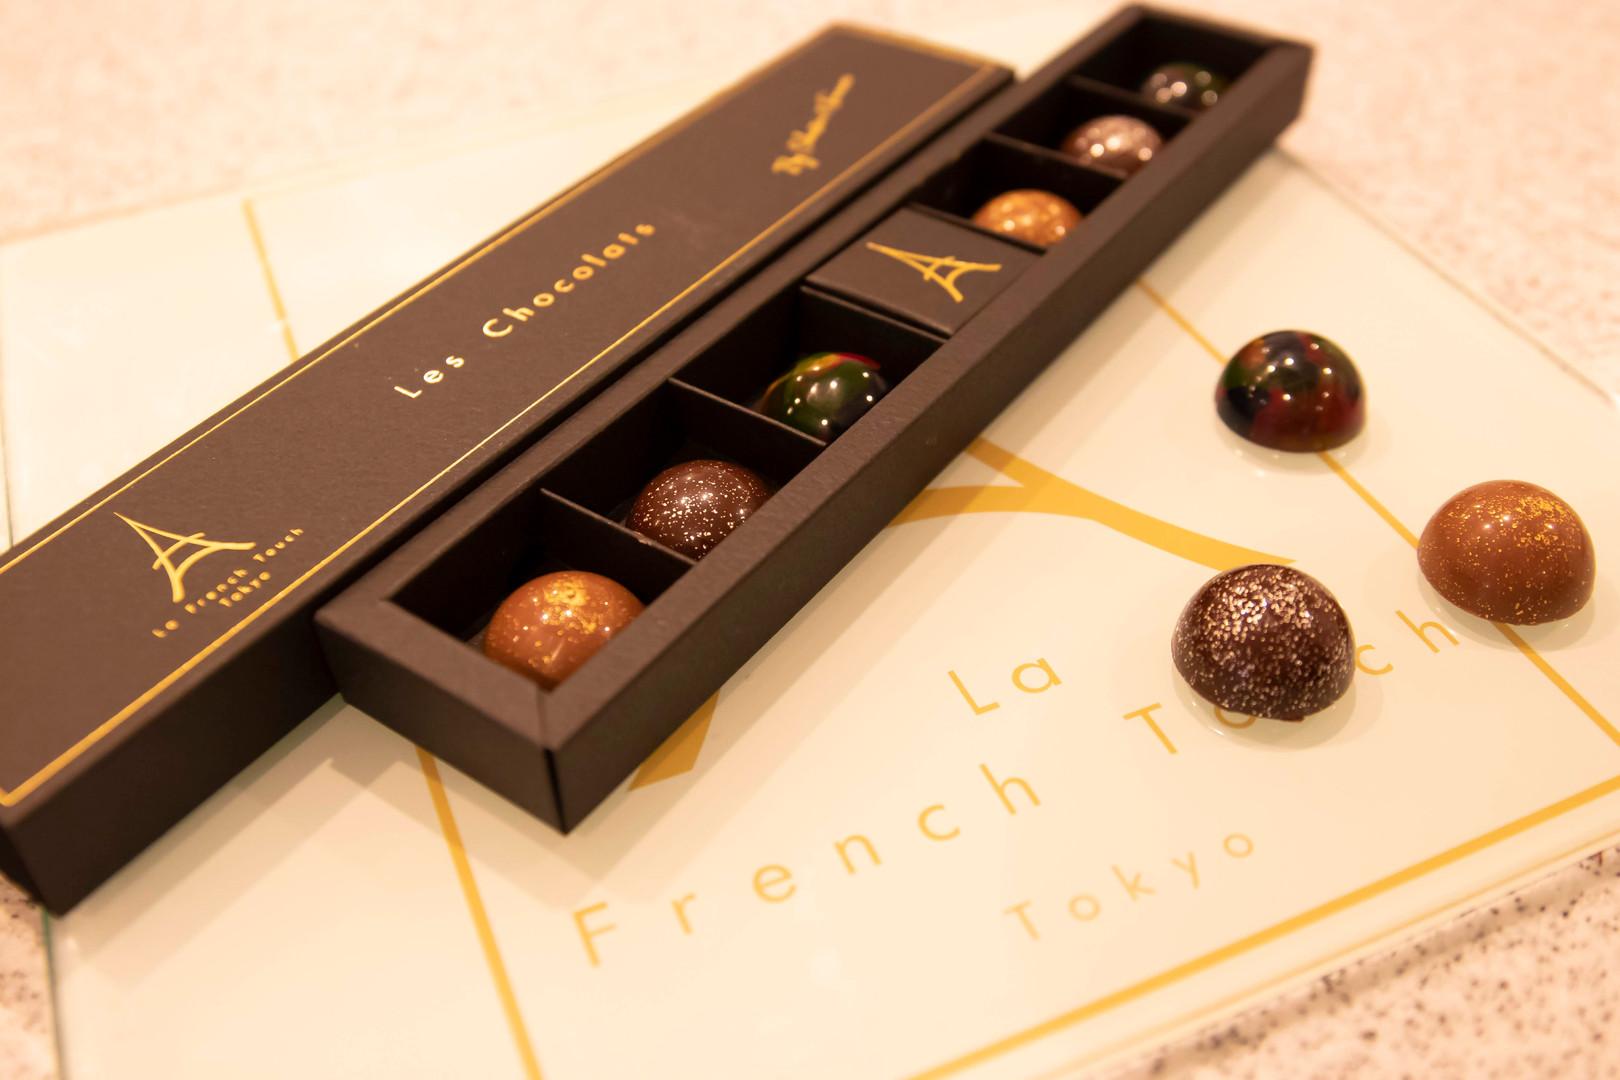 Prestigious chocolates boxes